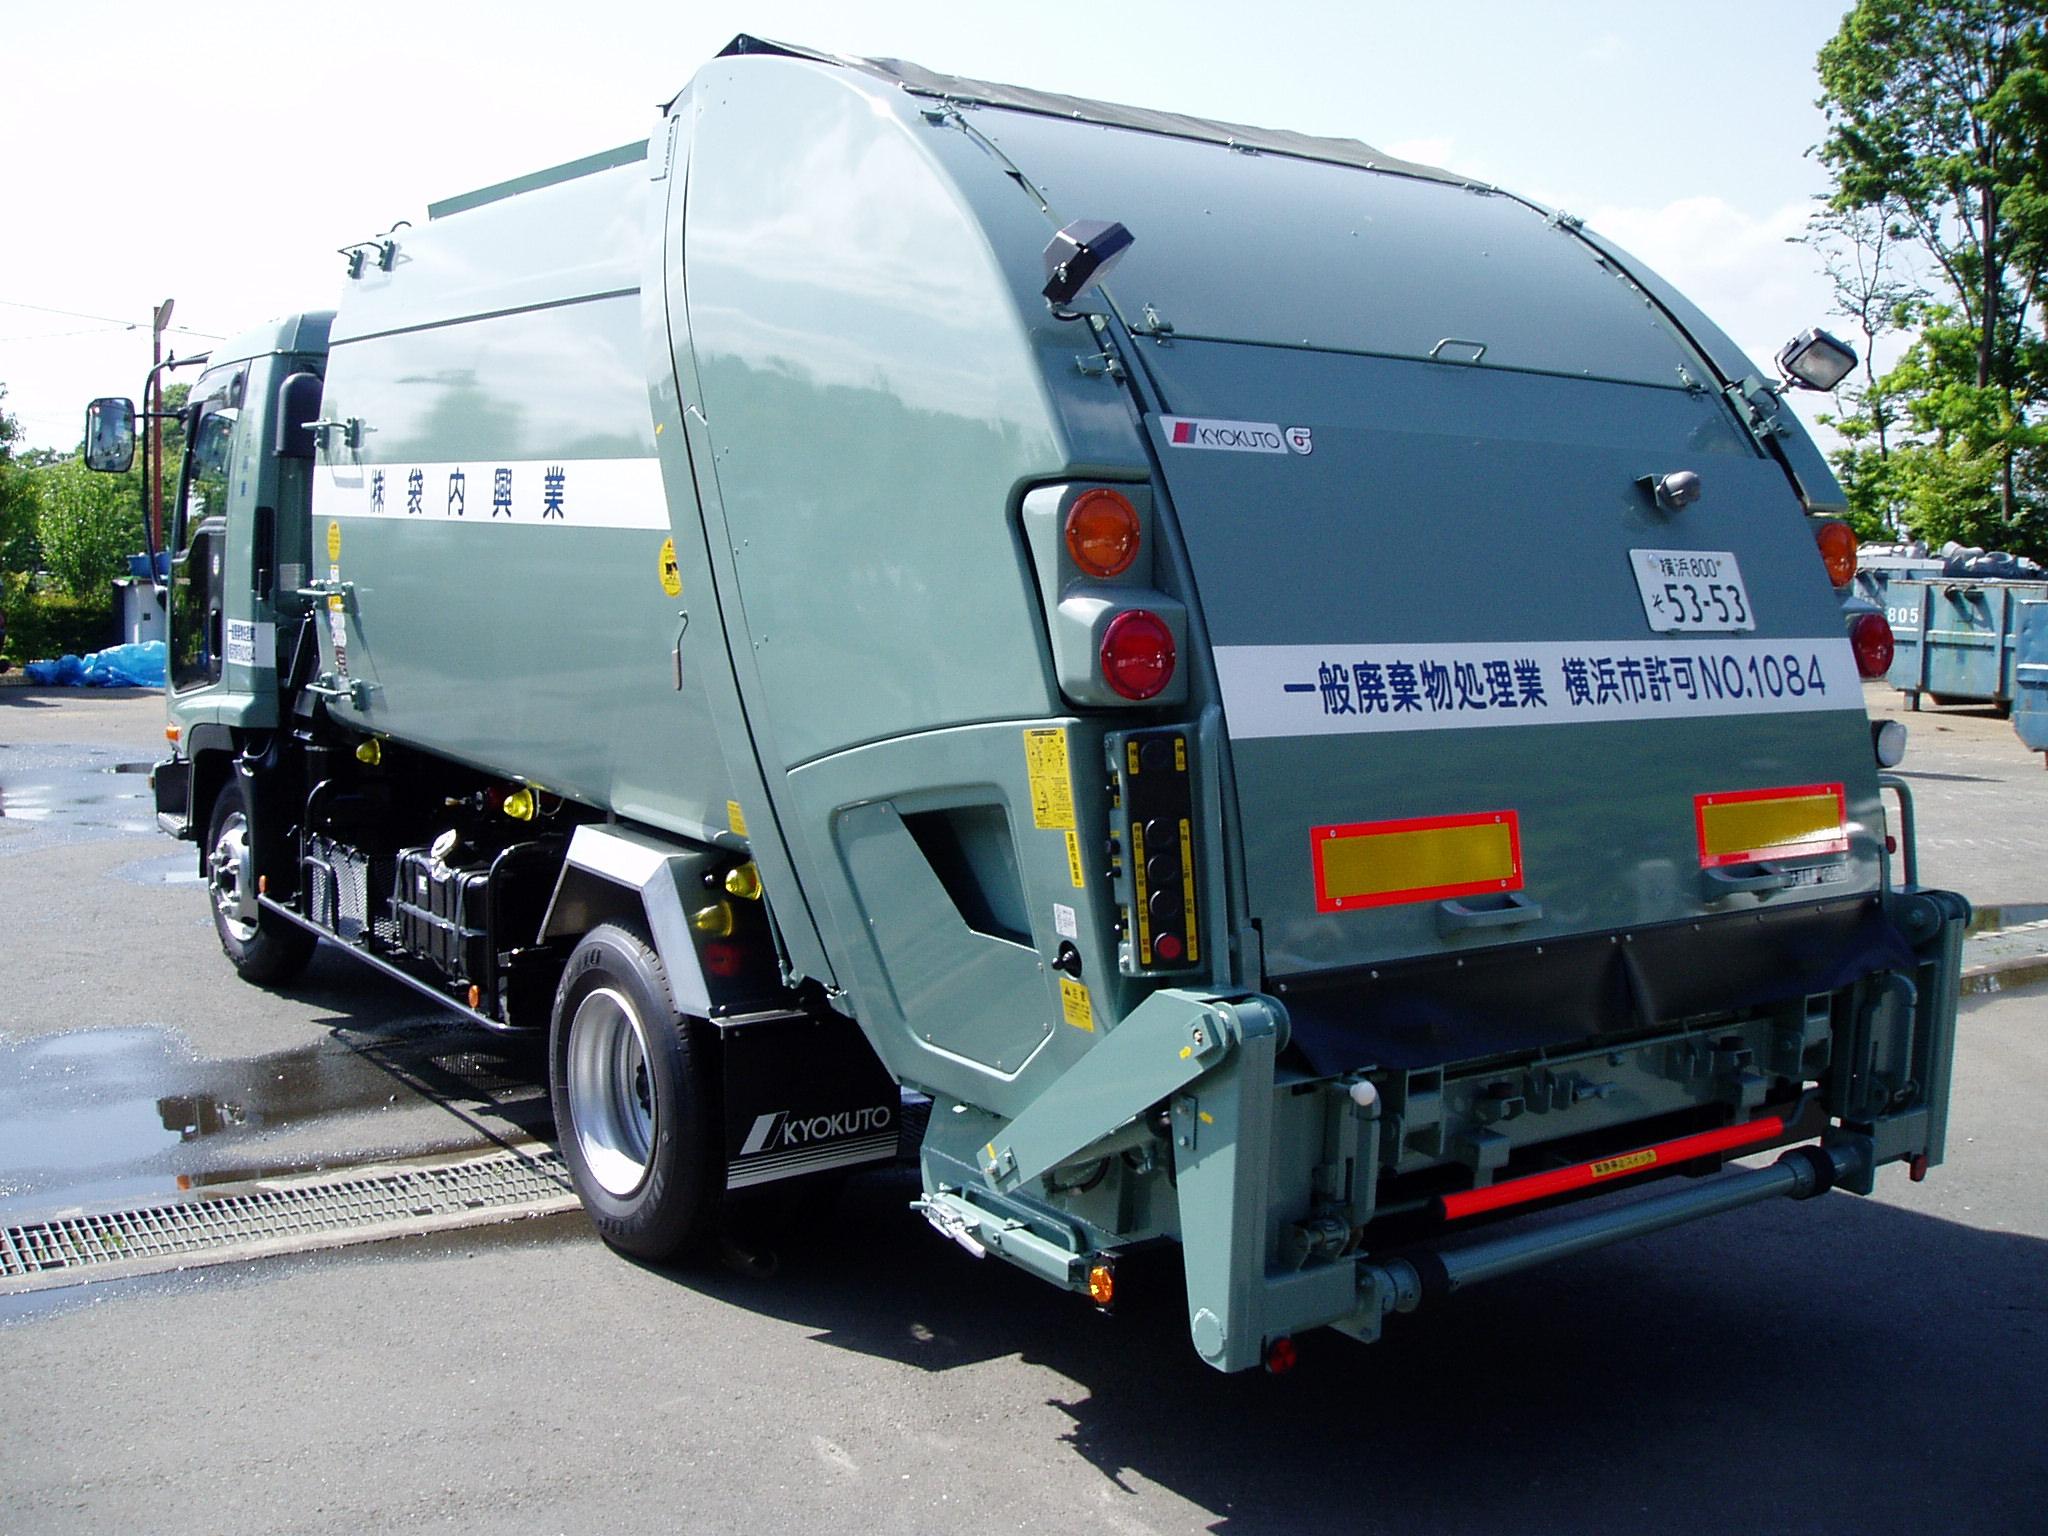 一般廃棄物処理の業界はコンサル、管理会社と称し、単に営業経費だけを... 一般廃棄物処理部 袋内